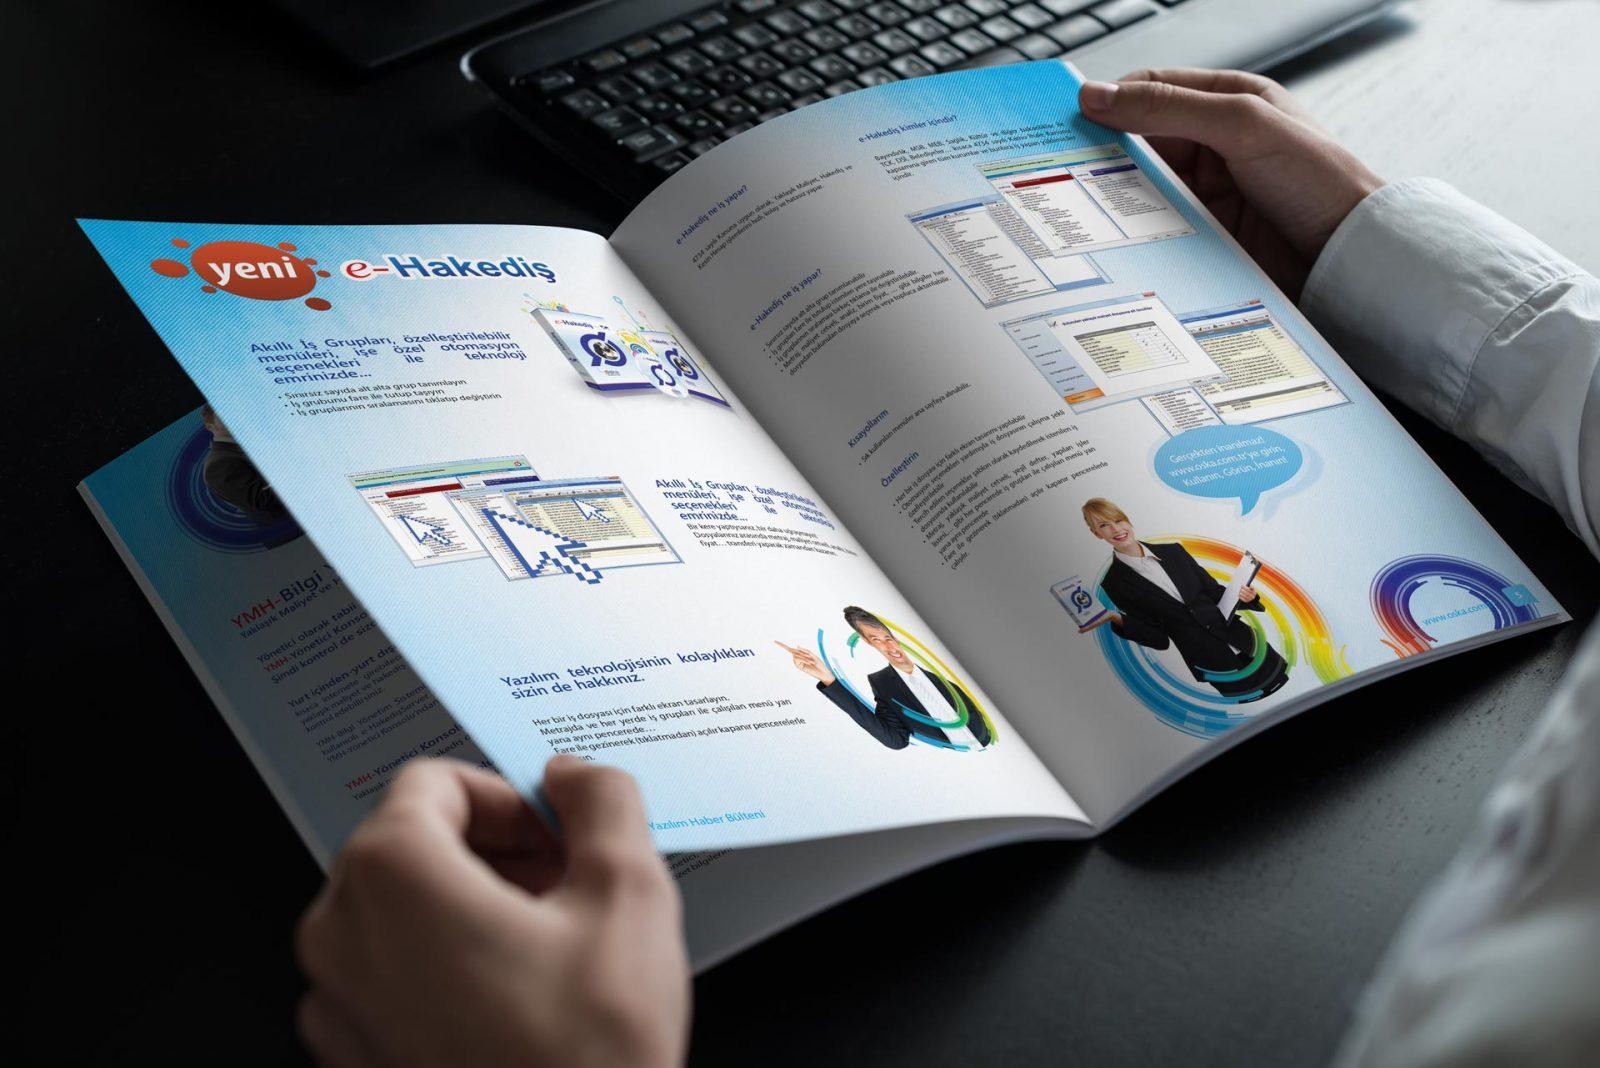 oska basılı bülten tasarımı eylül 2011 03